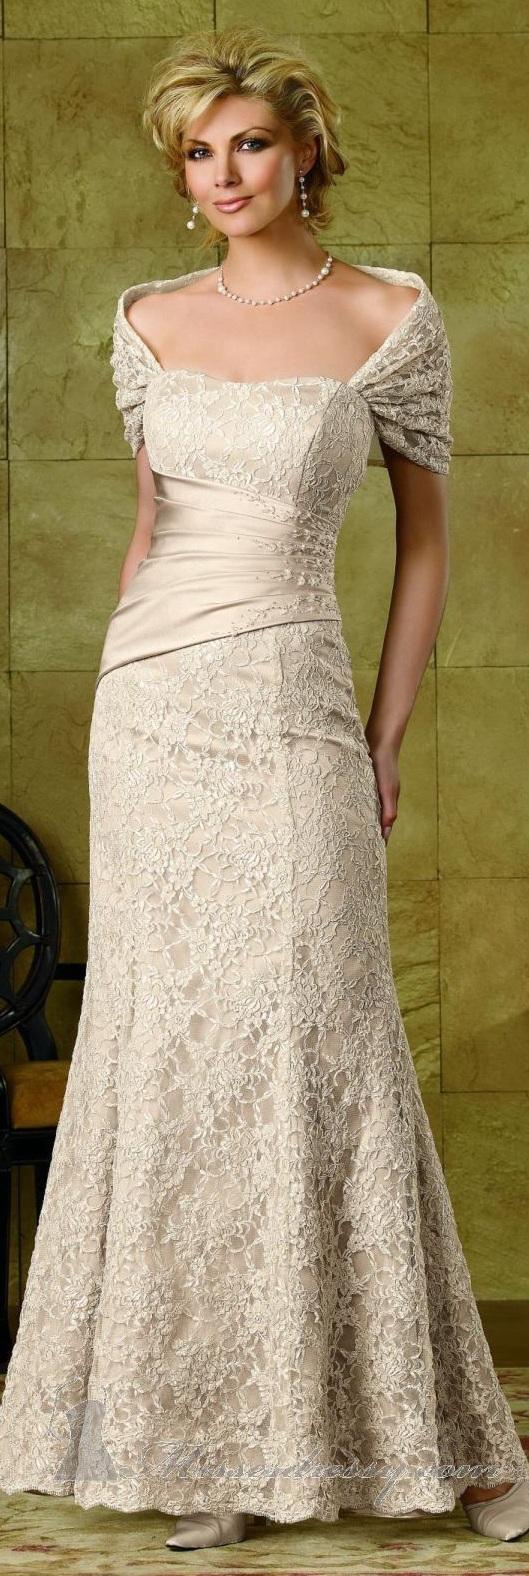 Imagenes vestidos de novia para mujeres maduras